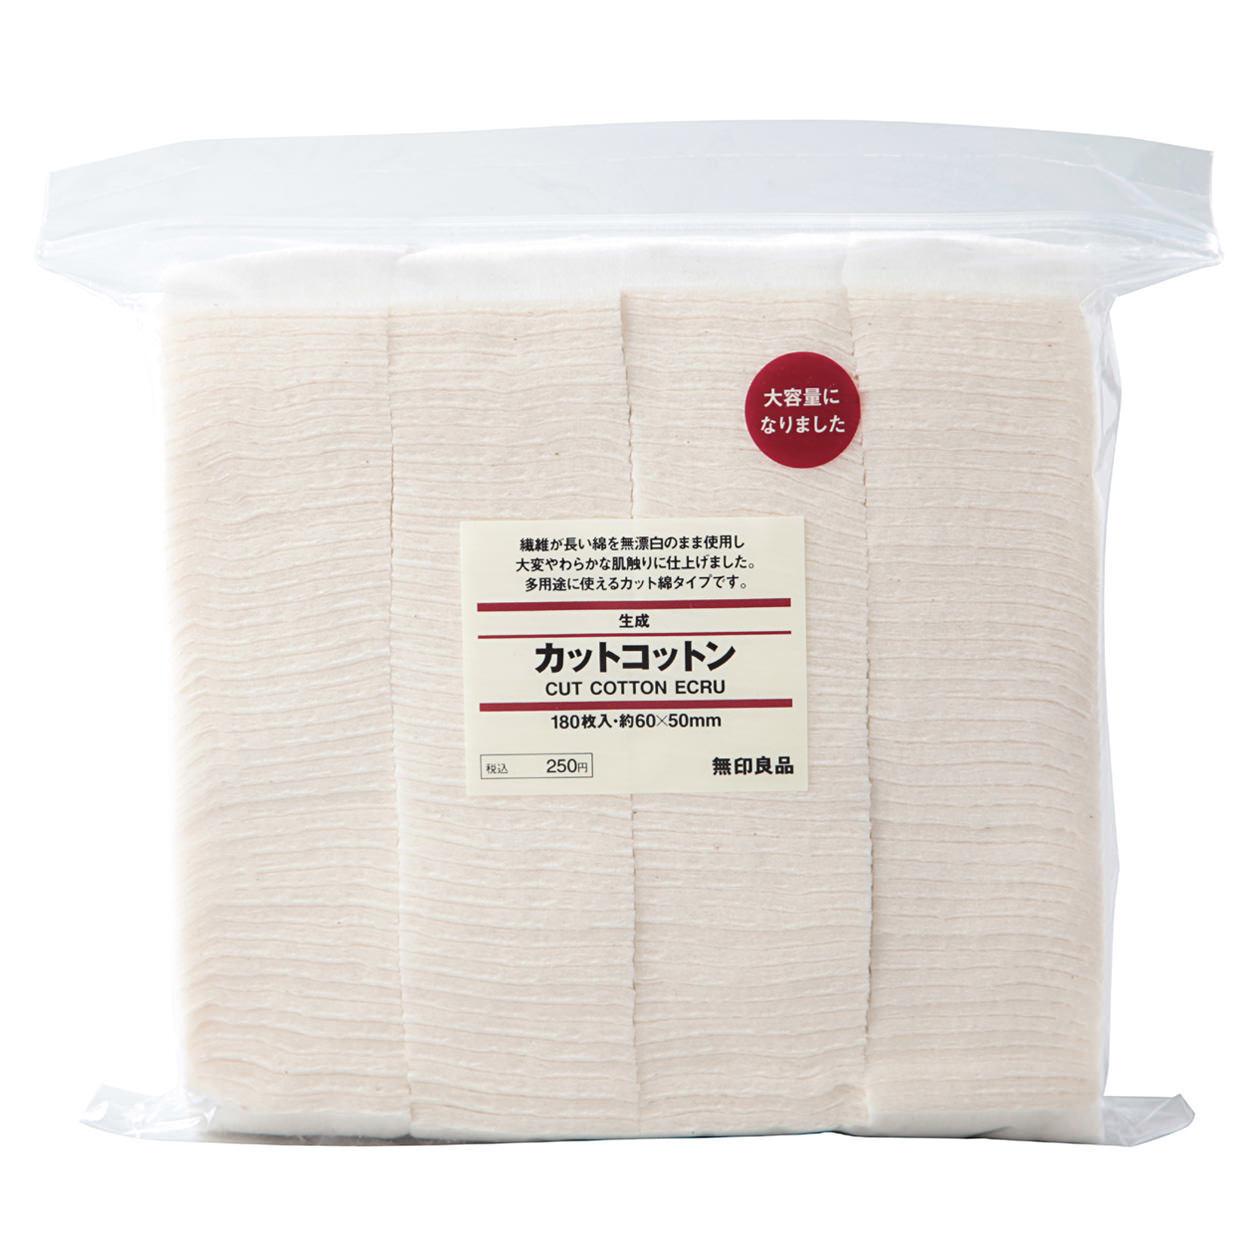 180 piece organic cotton muji watte vape japanese ungebleicht vergleichen auf e pard. Black Bedroom Furniture Sets. Home Design Ideas